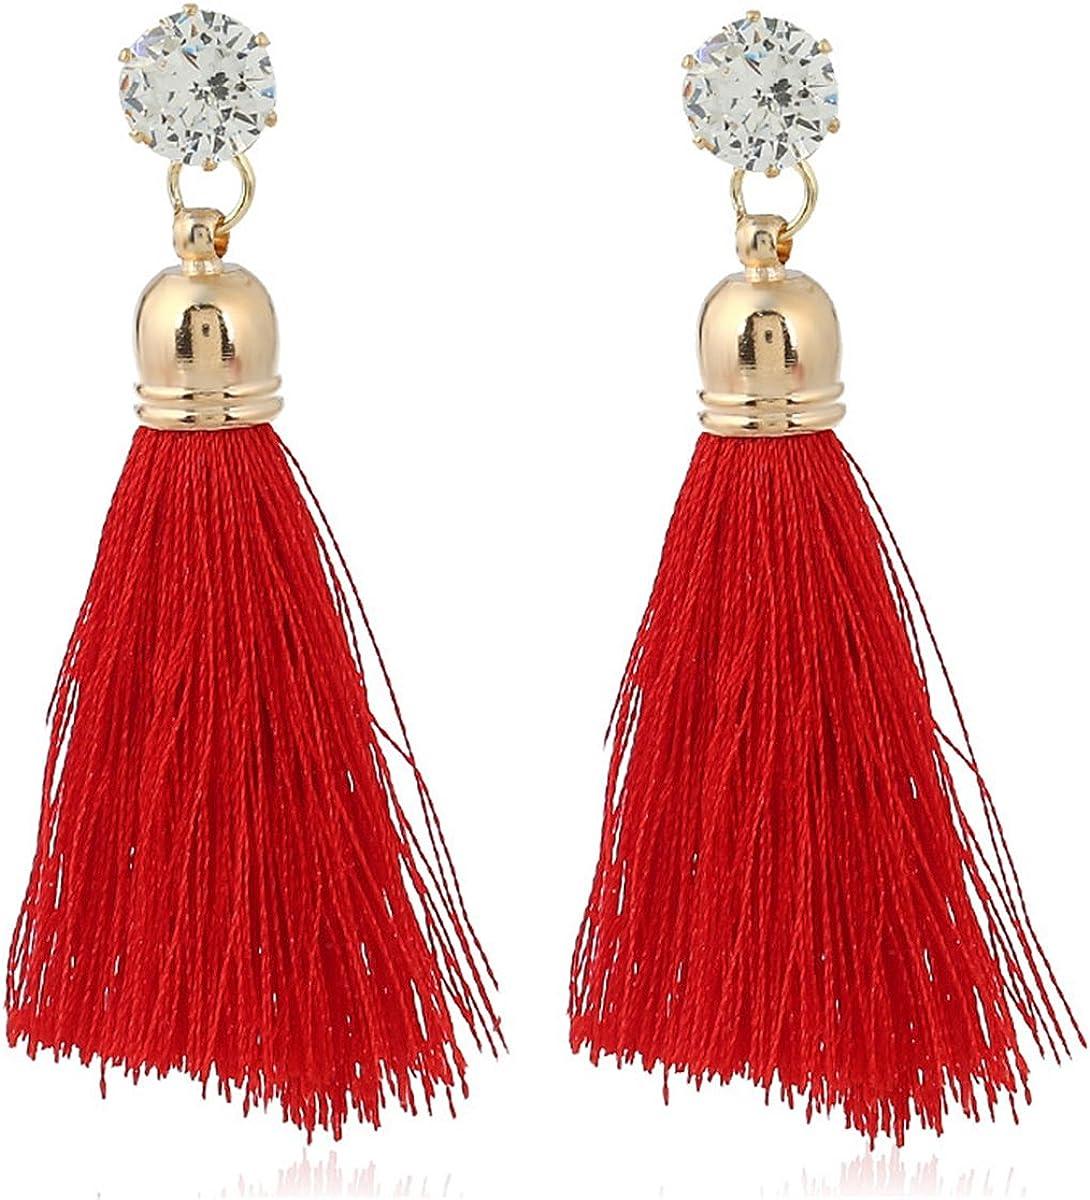 New Women Fashion Jewelry Rhinestone Long Tassel Drop Dangle Fringe Earrings